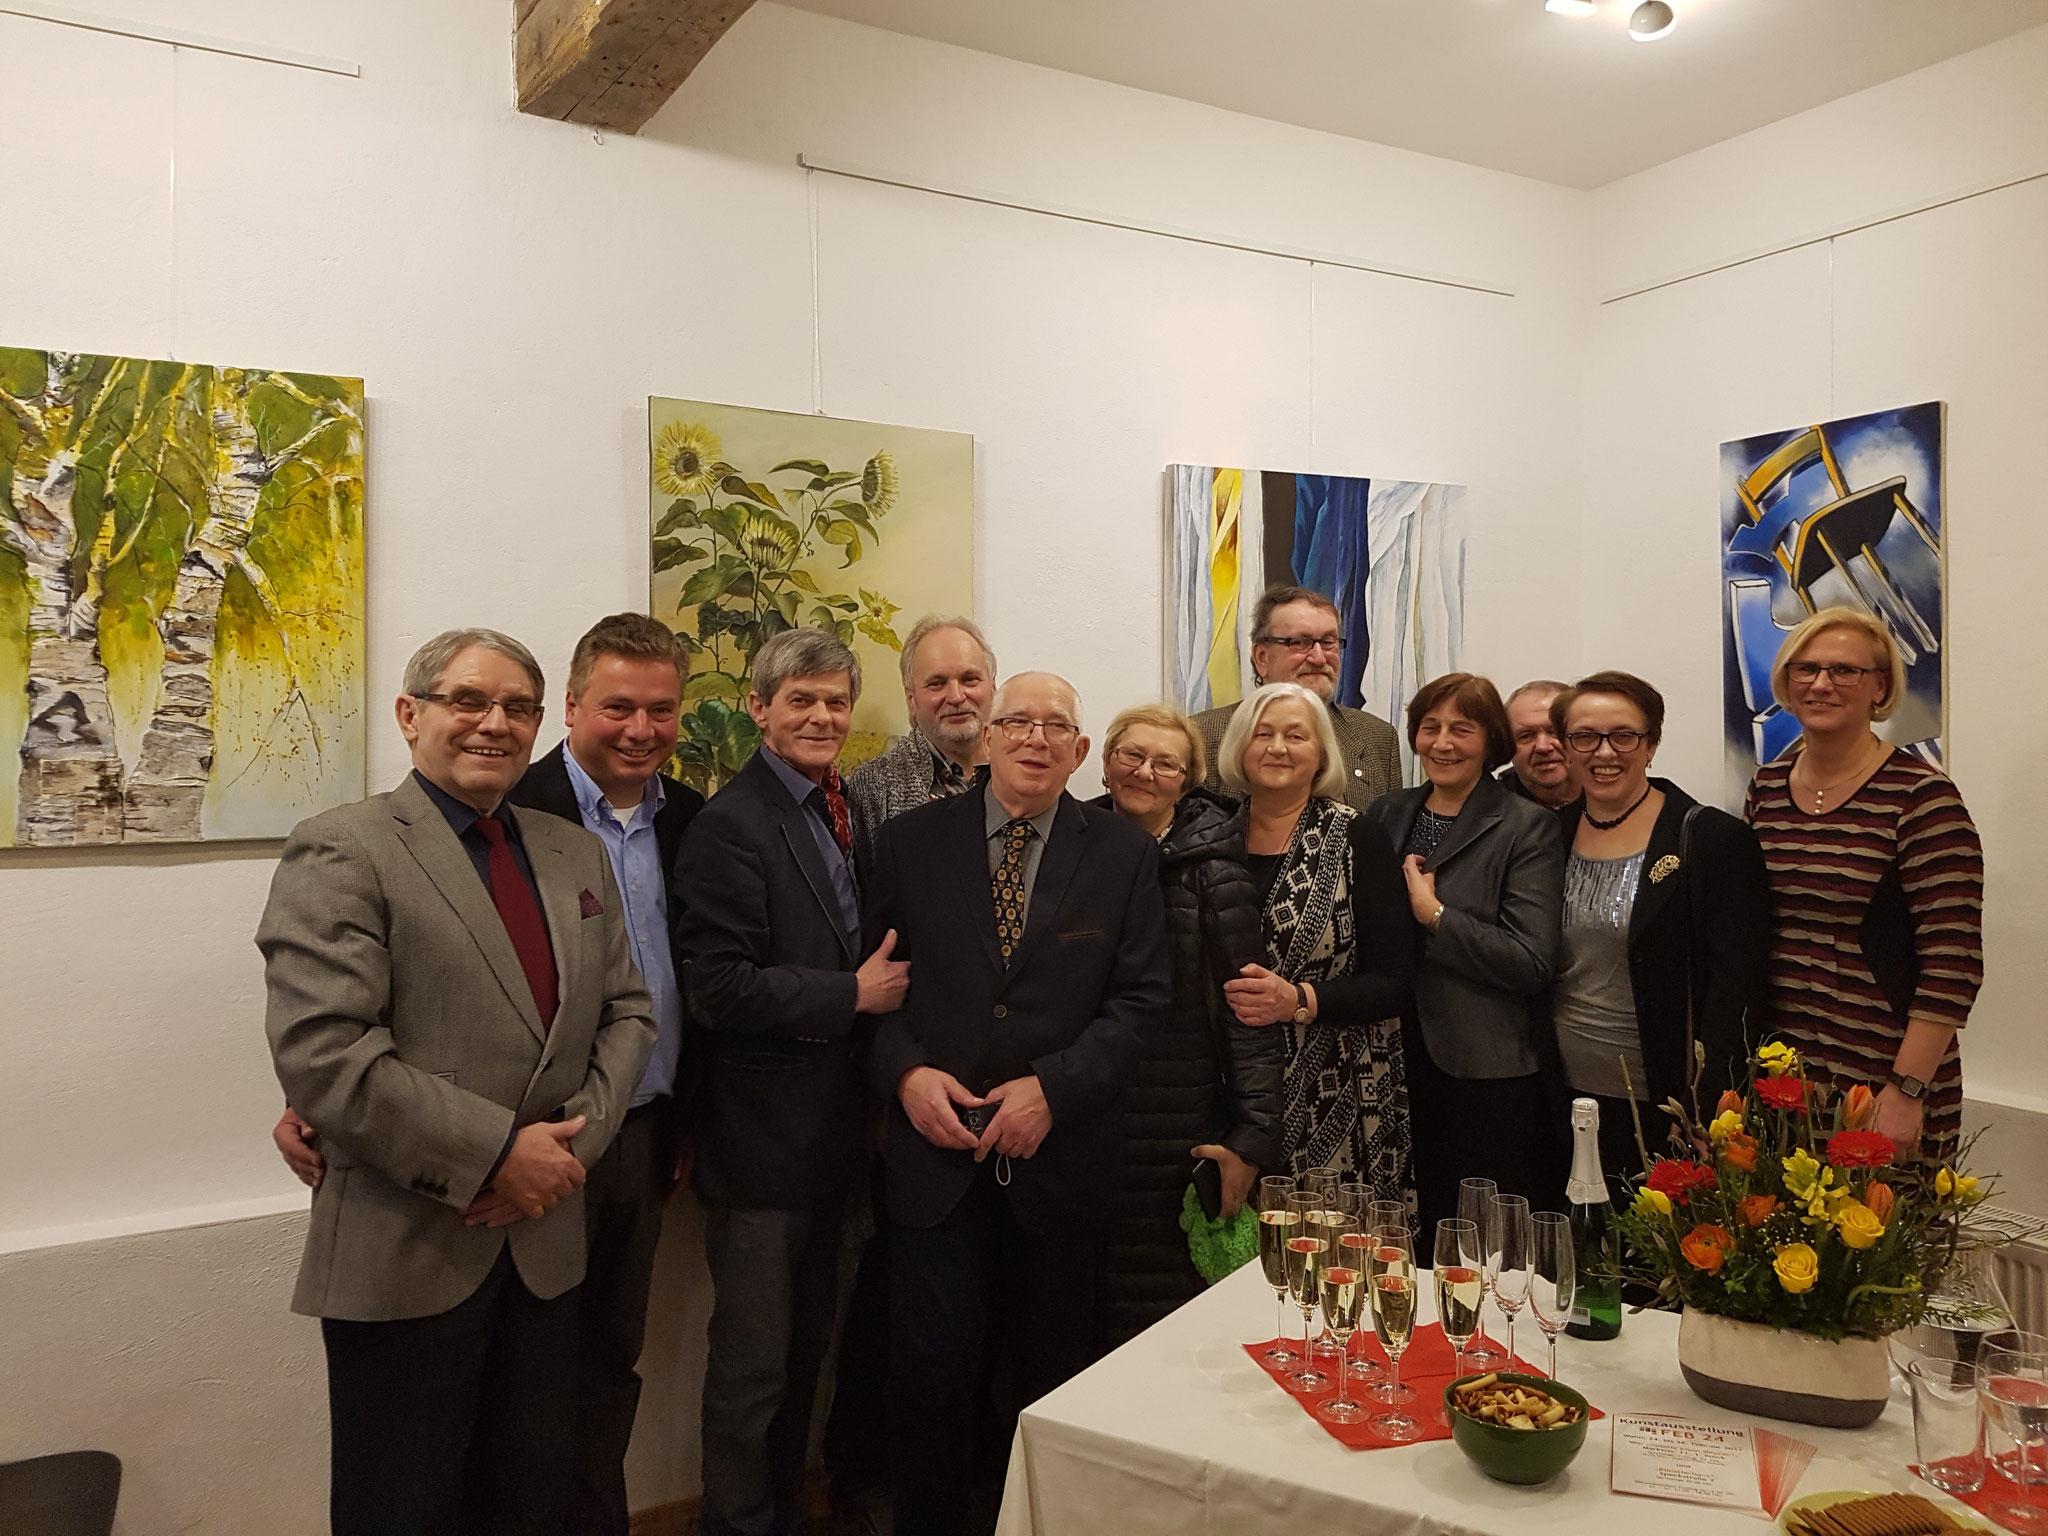 Polnische Künstler zu Gast beim Kunstnetz in der Speckstraße